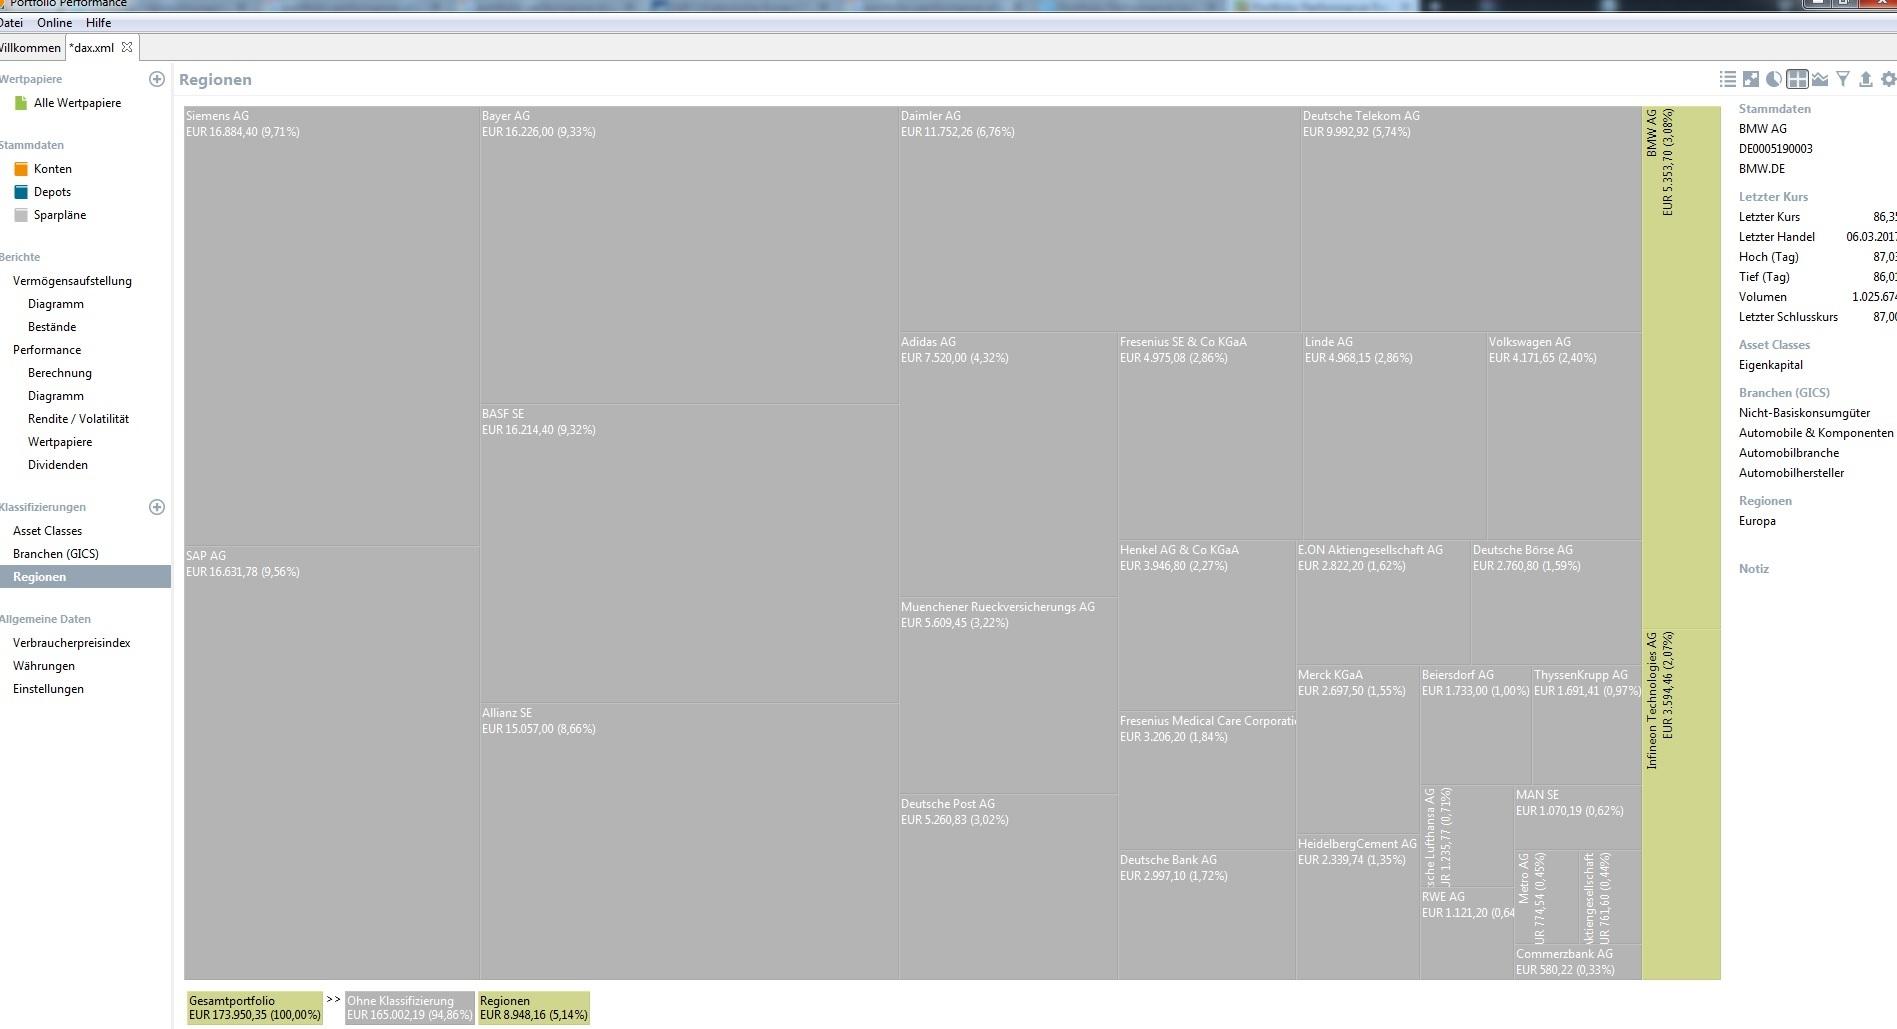 Diagramme fehler - Auswertungen - Portfolio Performance Forum